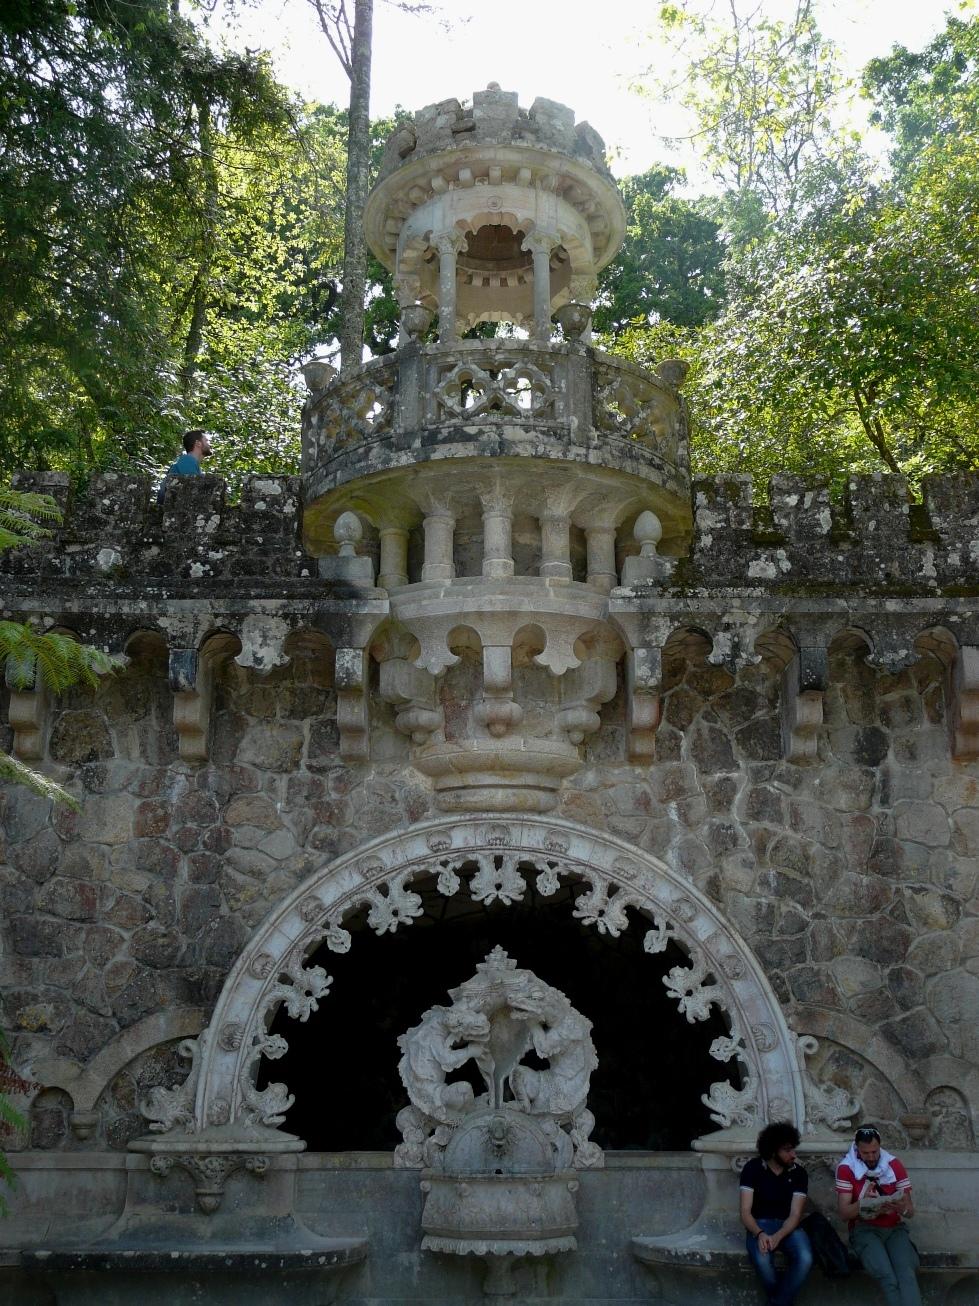 7 Quinta da Regaleira, Sintra, Portugal